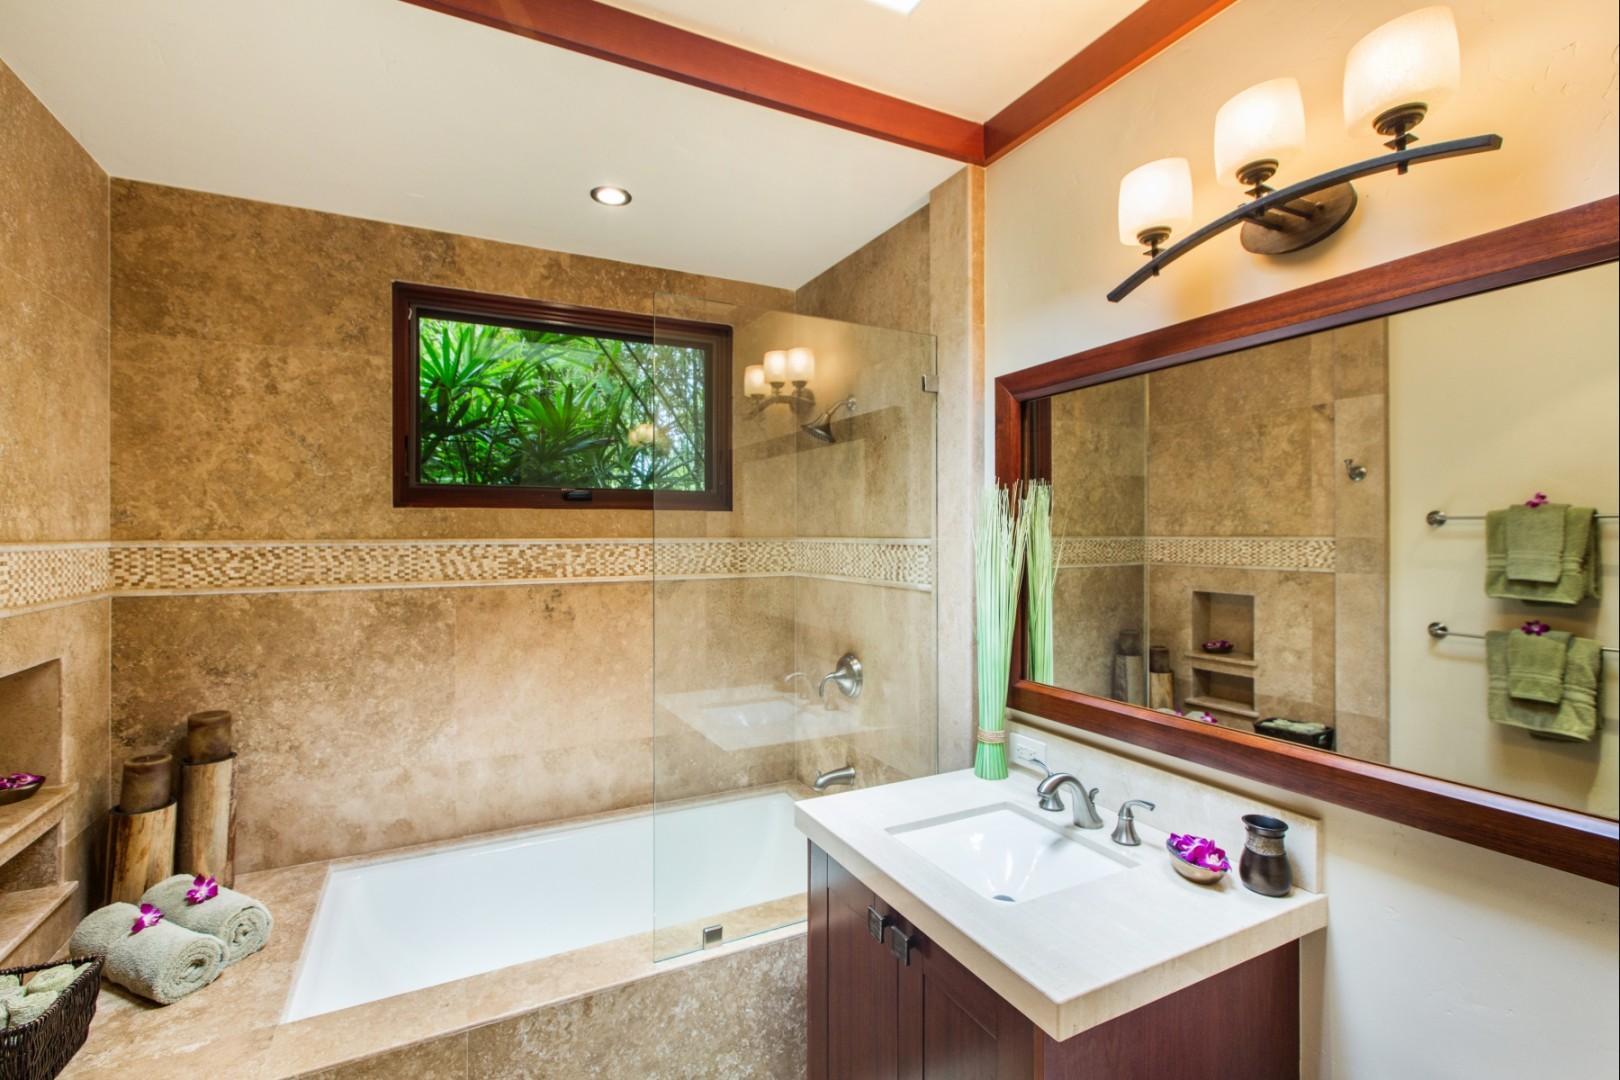 Downstairs East Guest Room Bathroom